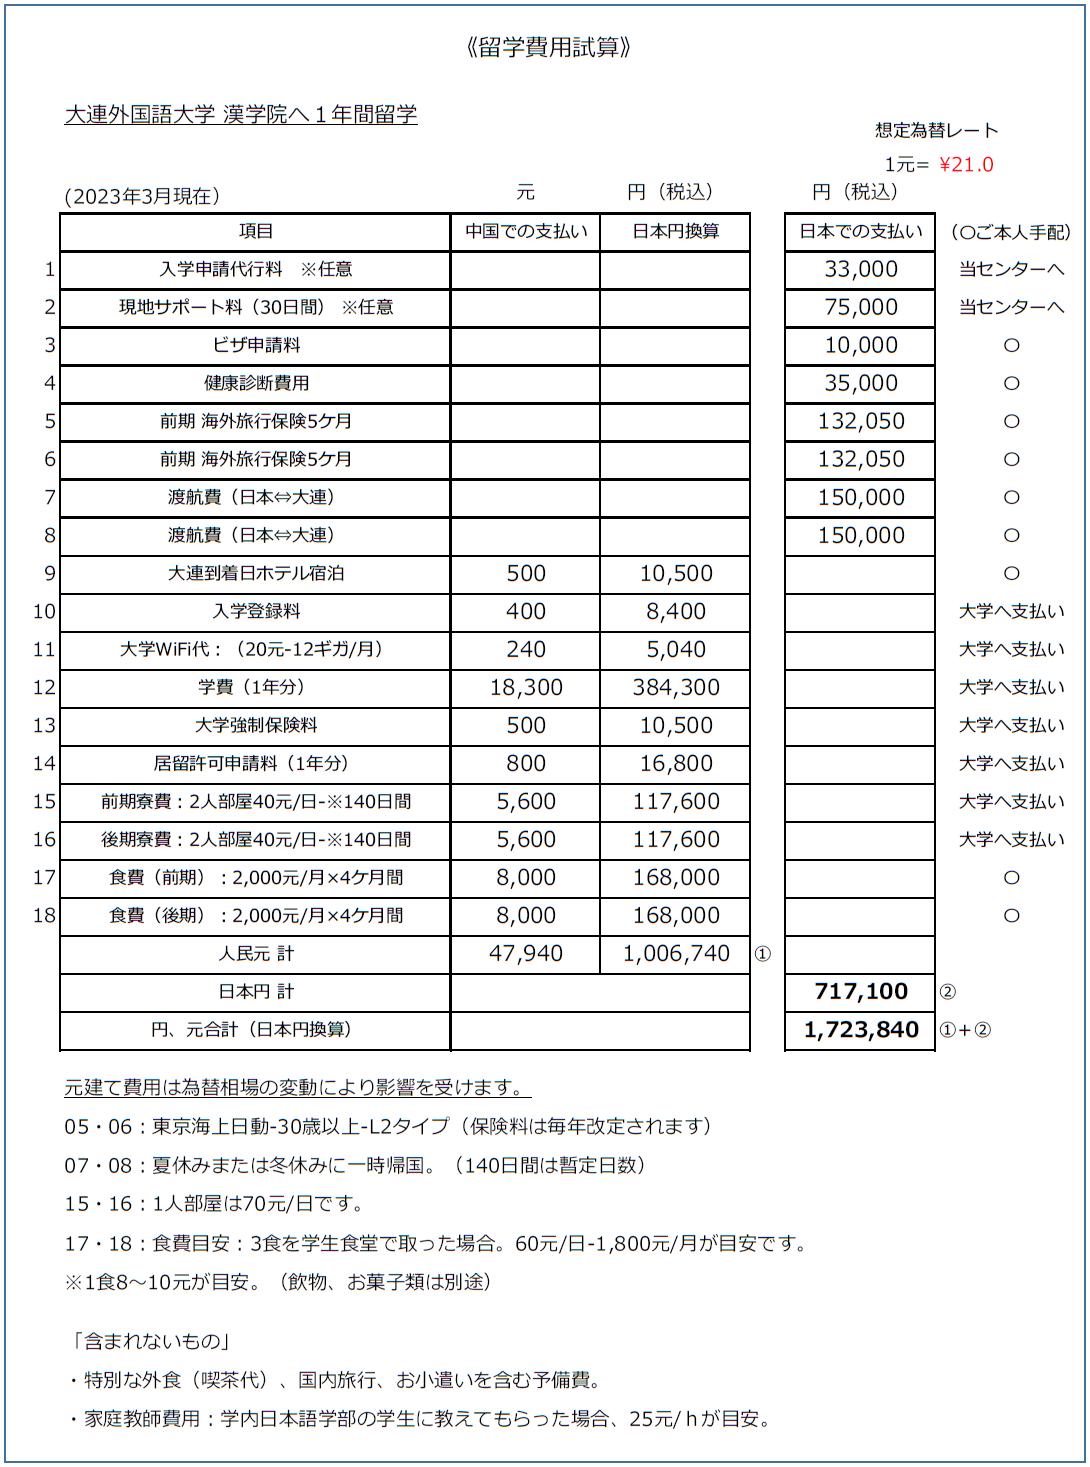 大連外国語大学 留学費用の目安 シュミレーション